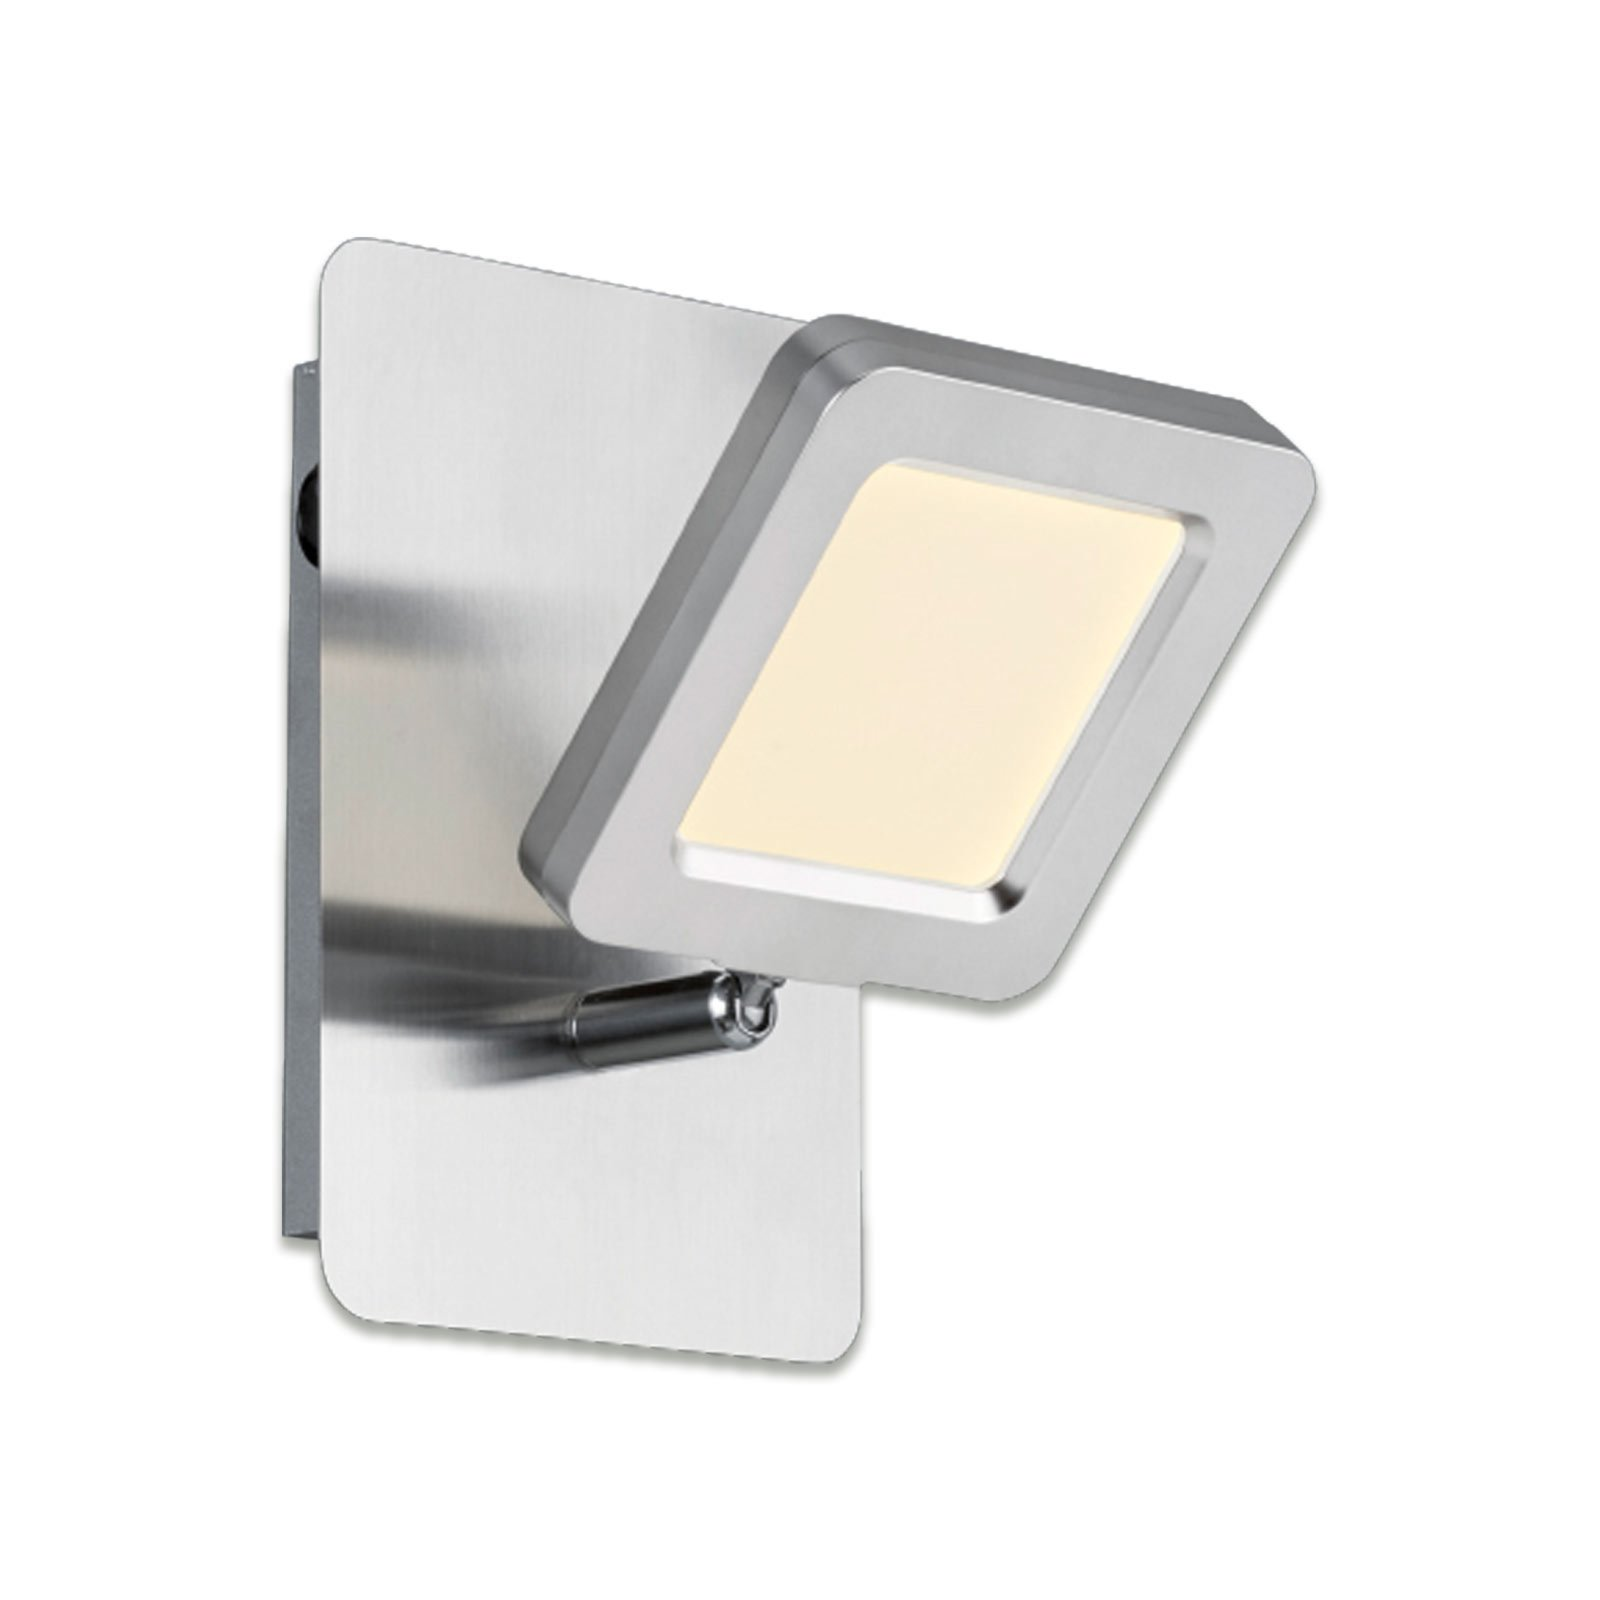 led spot vision 4 fach dimmbar wandstrahler spots. Black Bedroom Furniture Sets. Home Design Ideas